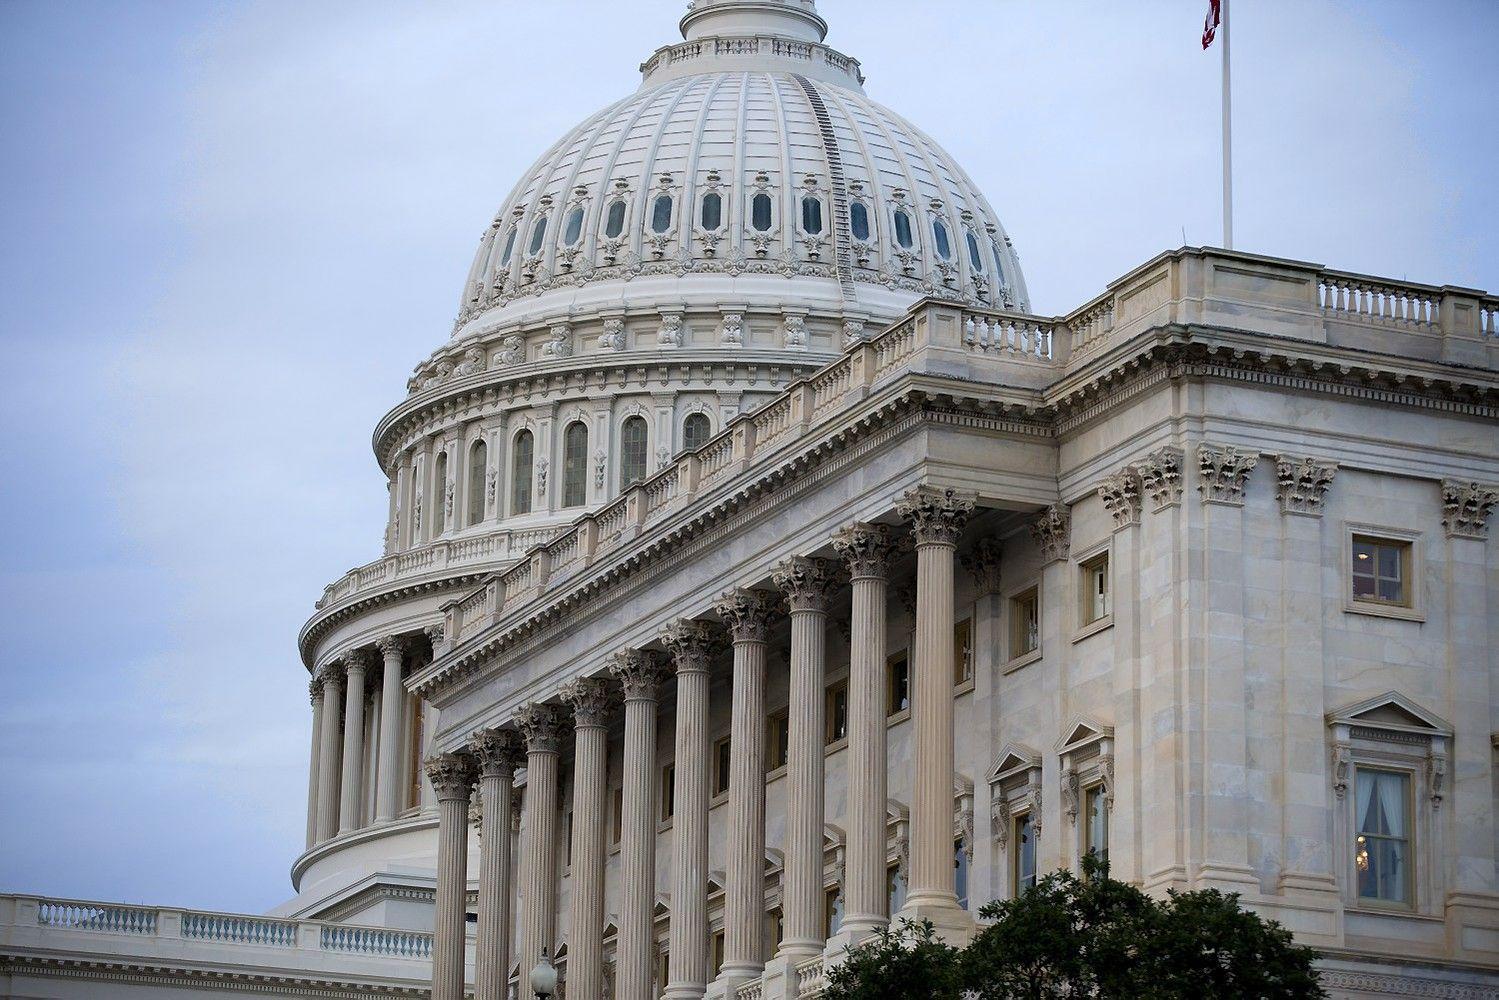 JAV Atstovų rūmai pritarė naujoms sankcijoms Rusijai